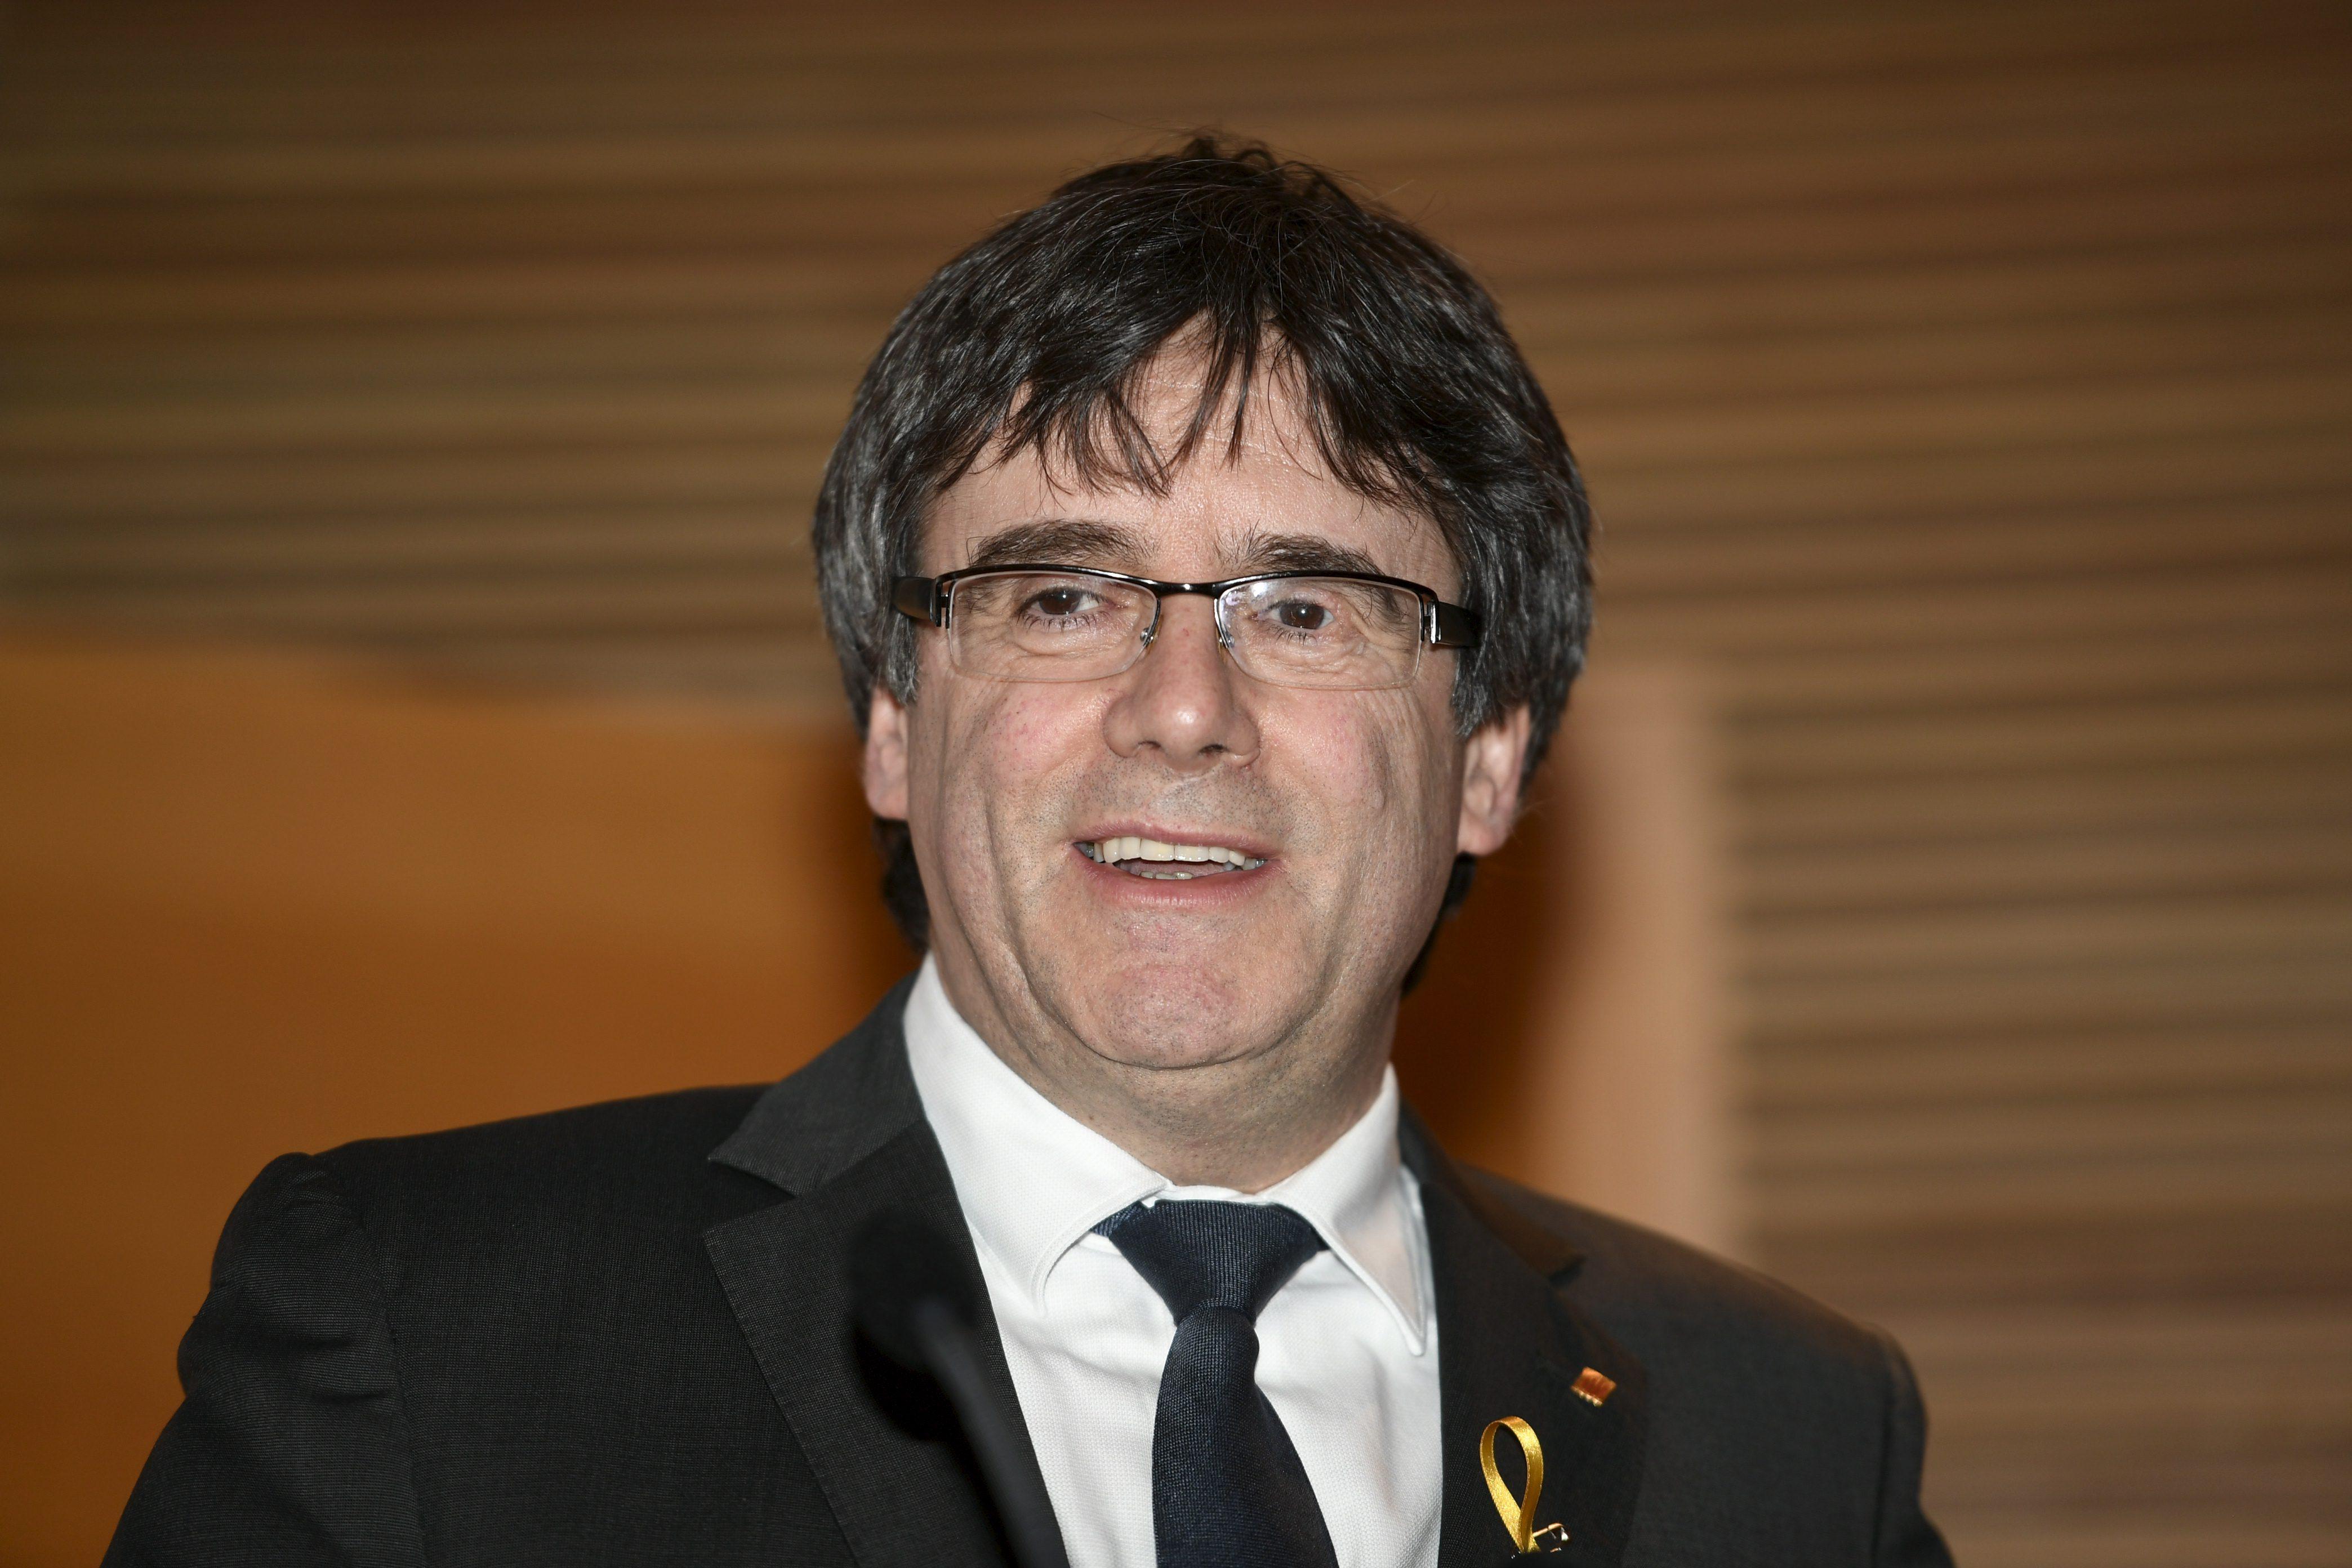 Tribunal alemão soltará ex-líder catalão Puigdemont sob fiança